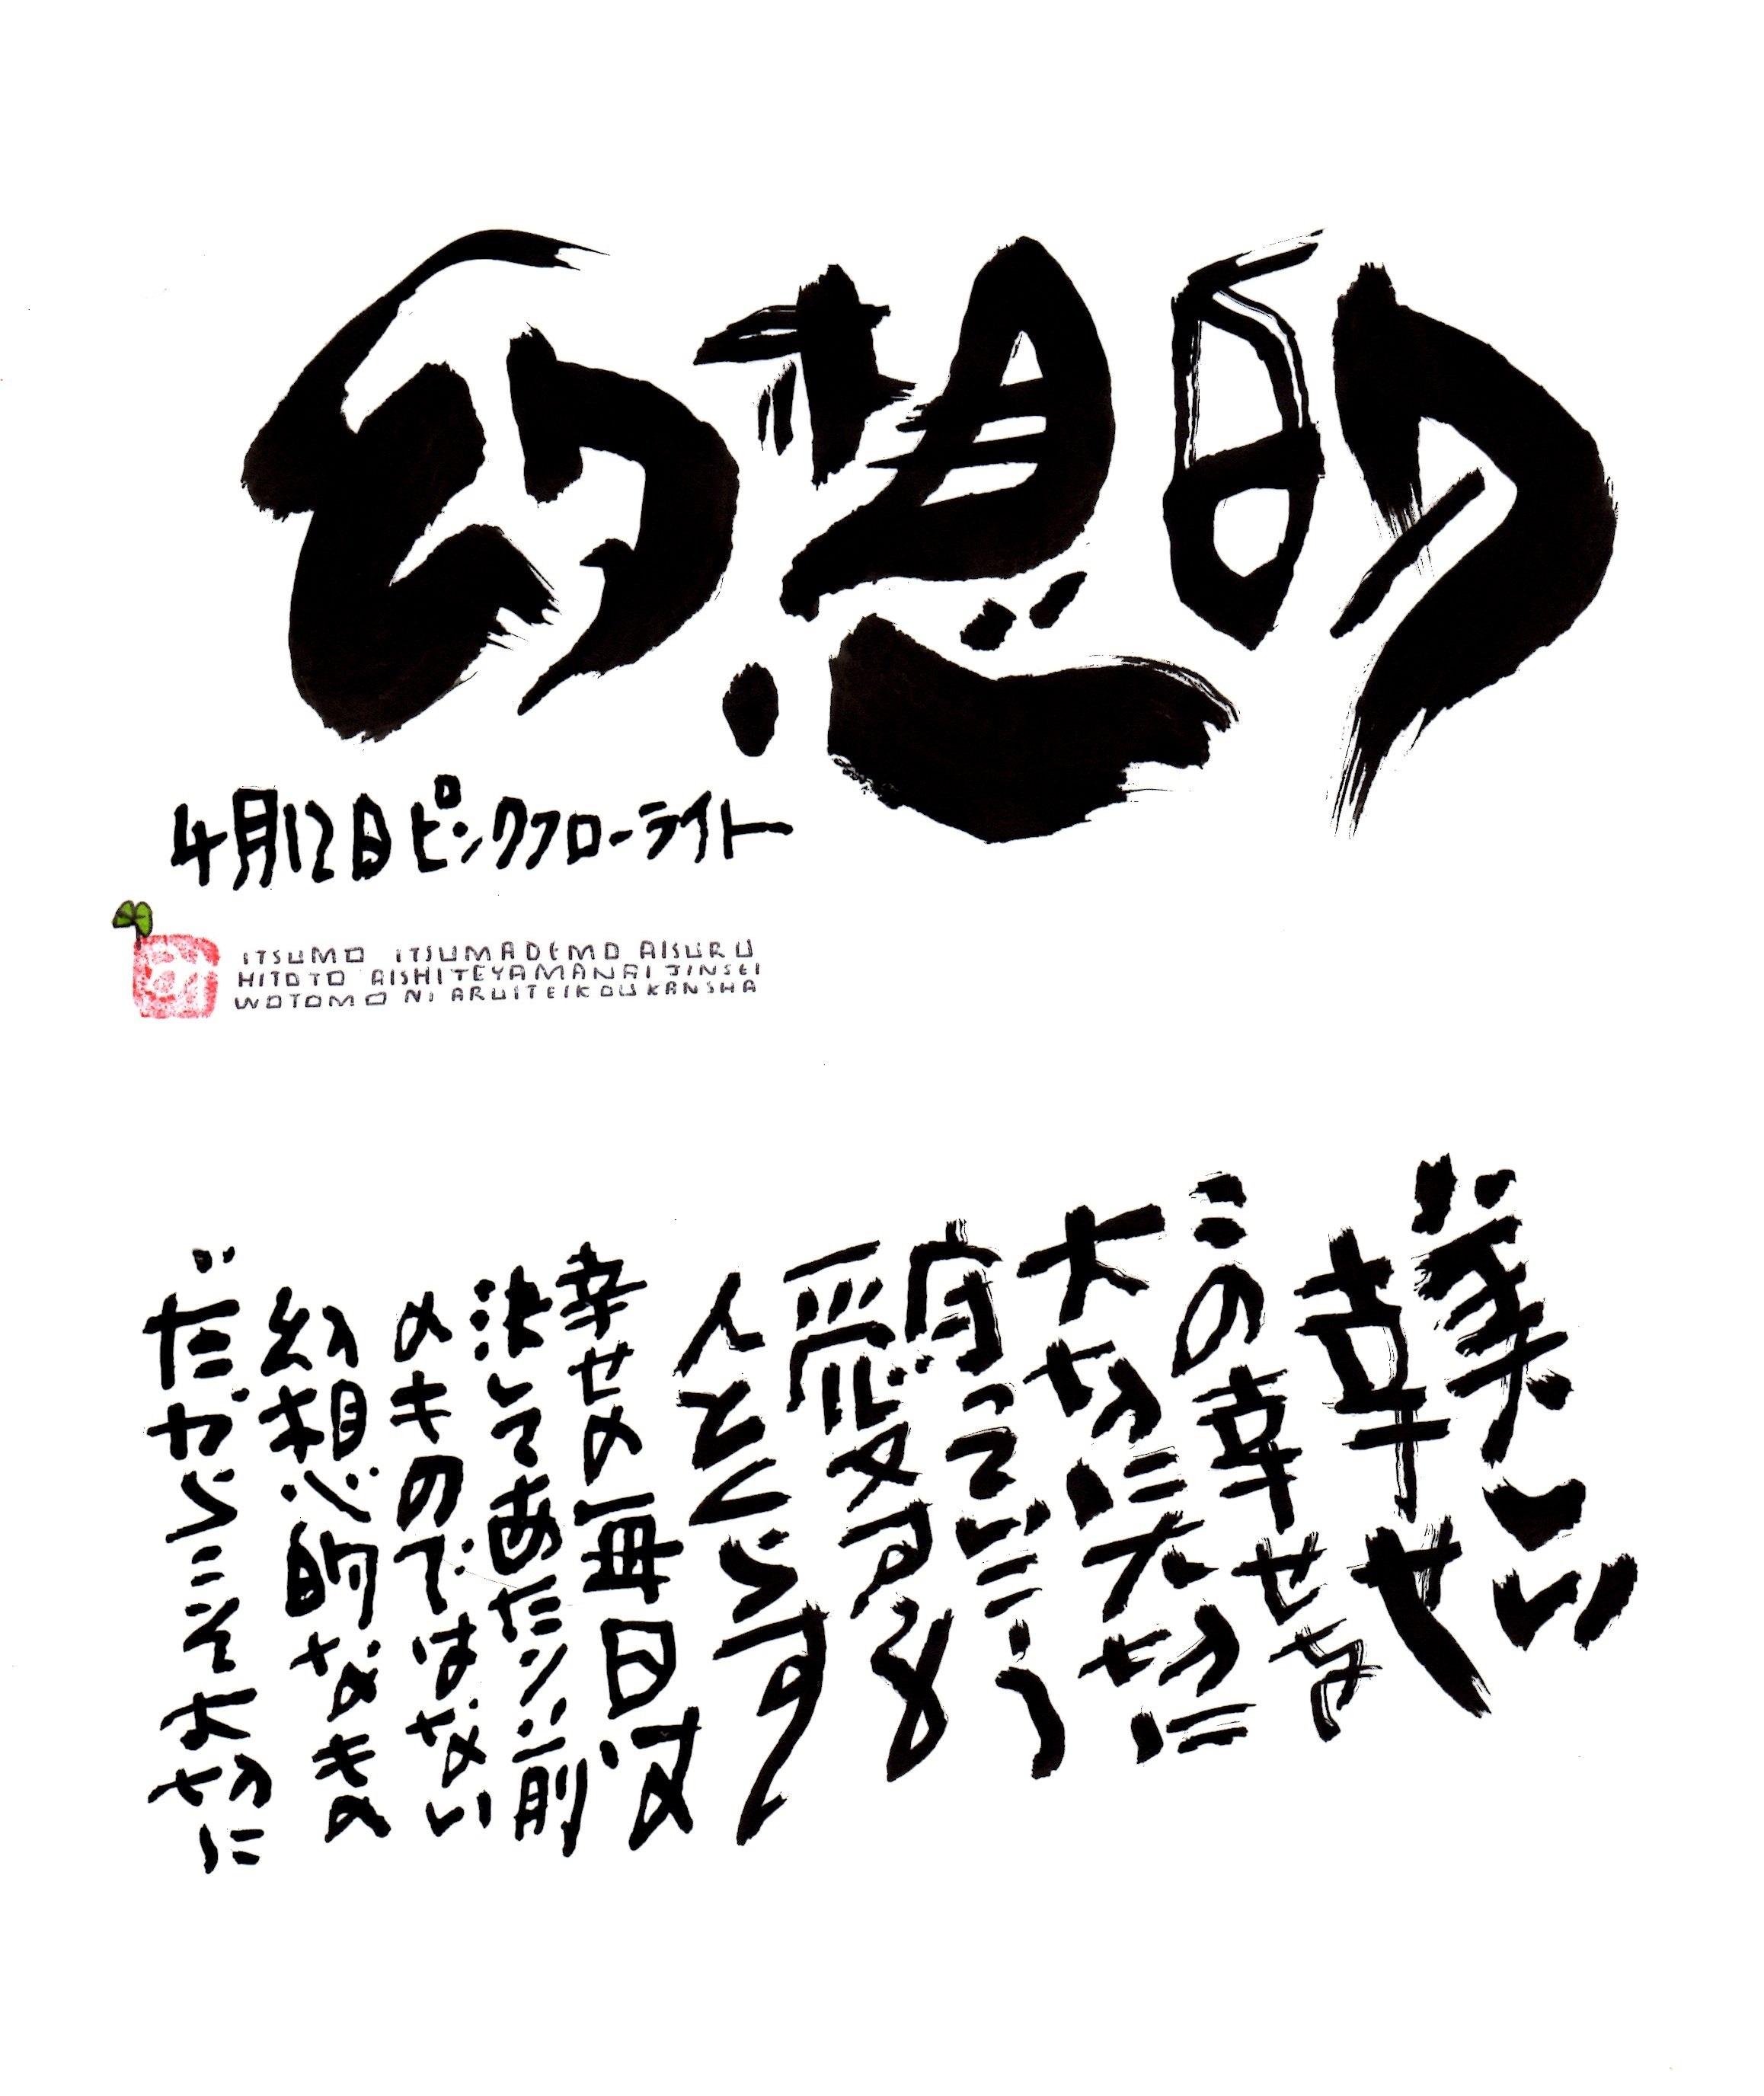 4月12日 結婚記念日ポストカード【幻想的】